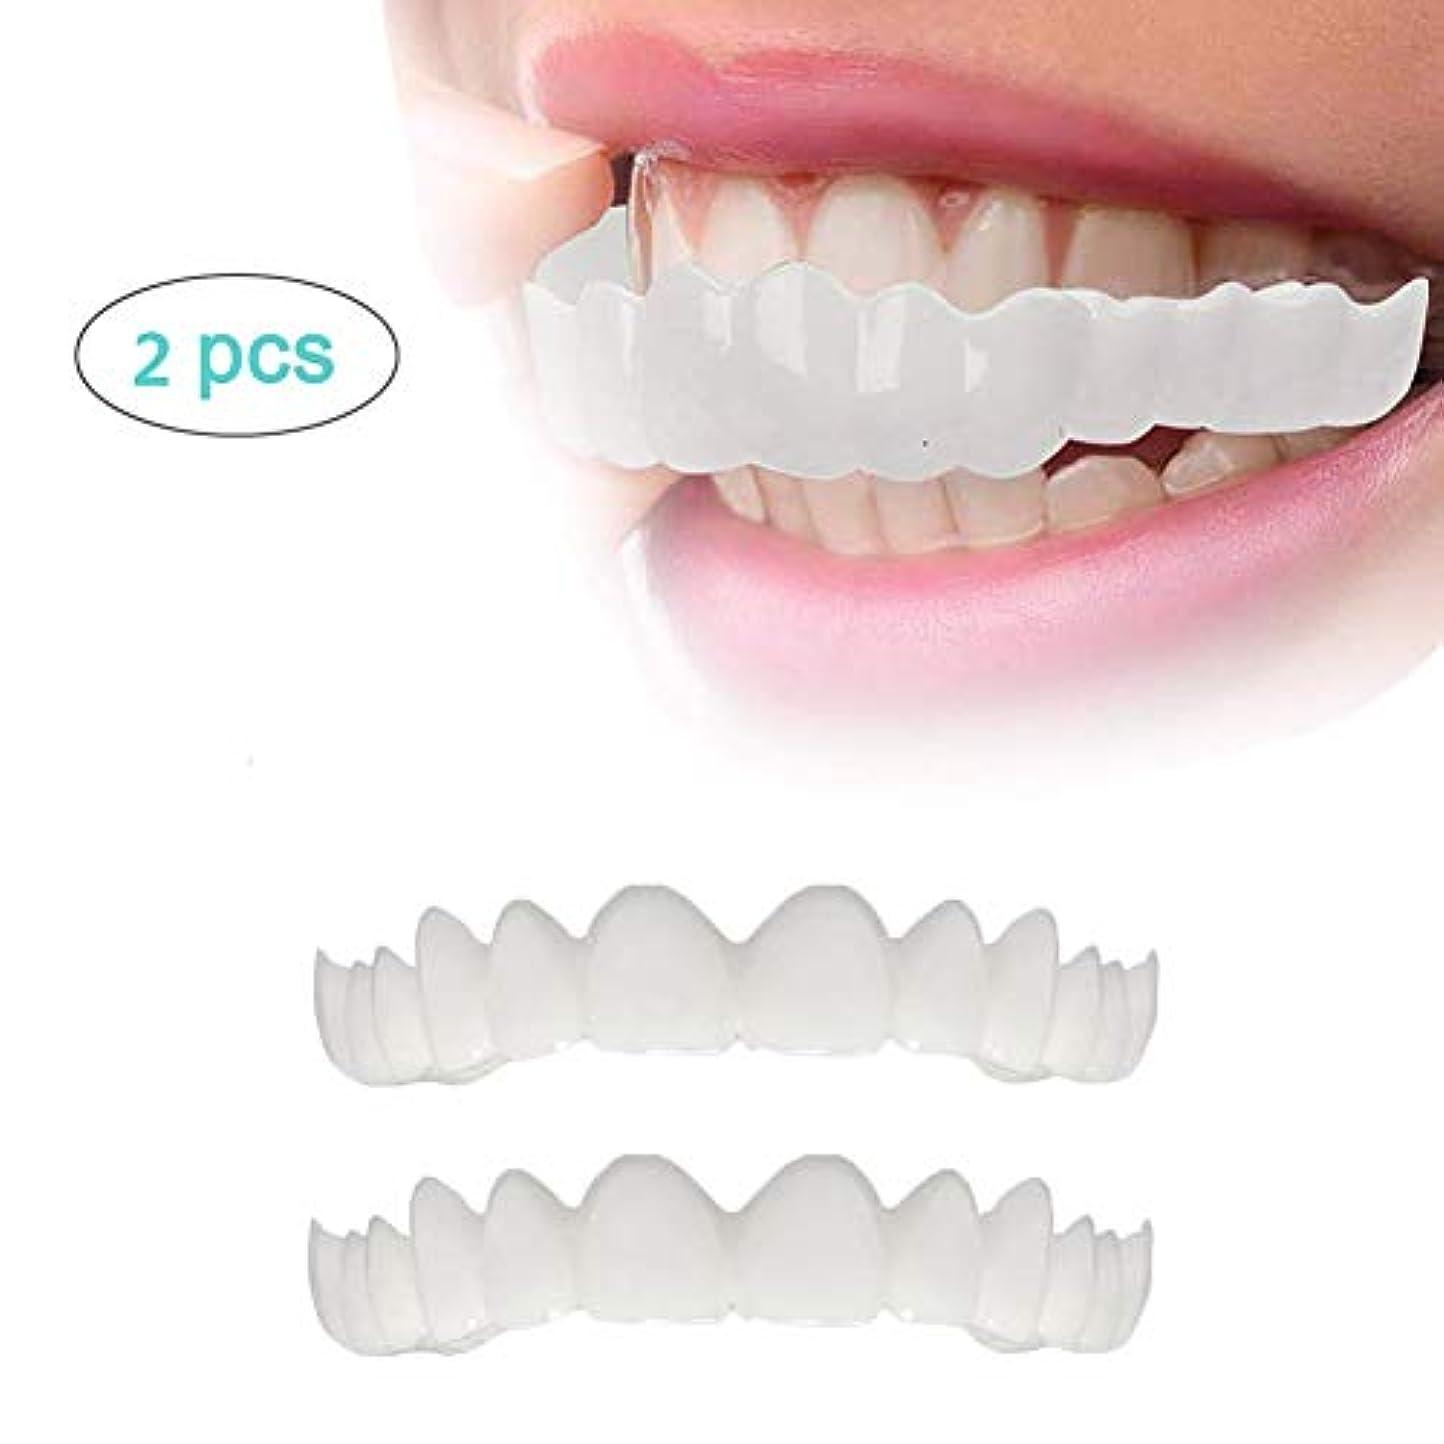 人物安らぎモーション上歯の化粧板の2枚、フレックス化粧品の歯に適した化粧品の歯科快適性、最も快適な義歯のケア,2lowerteeth